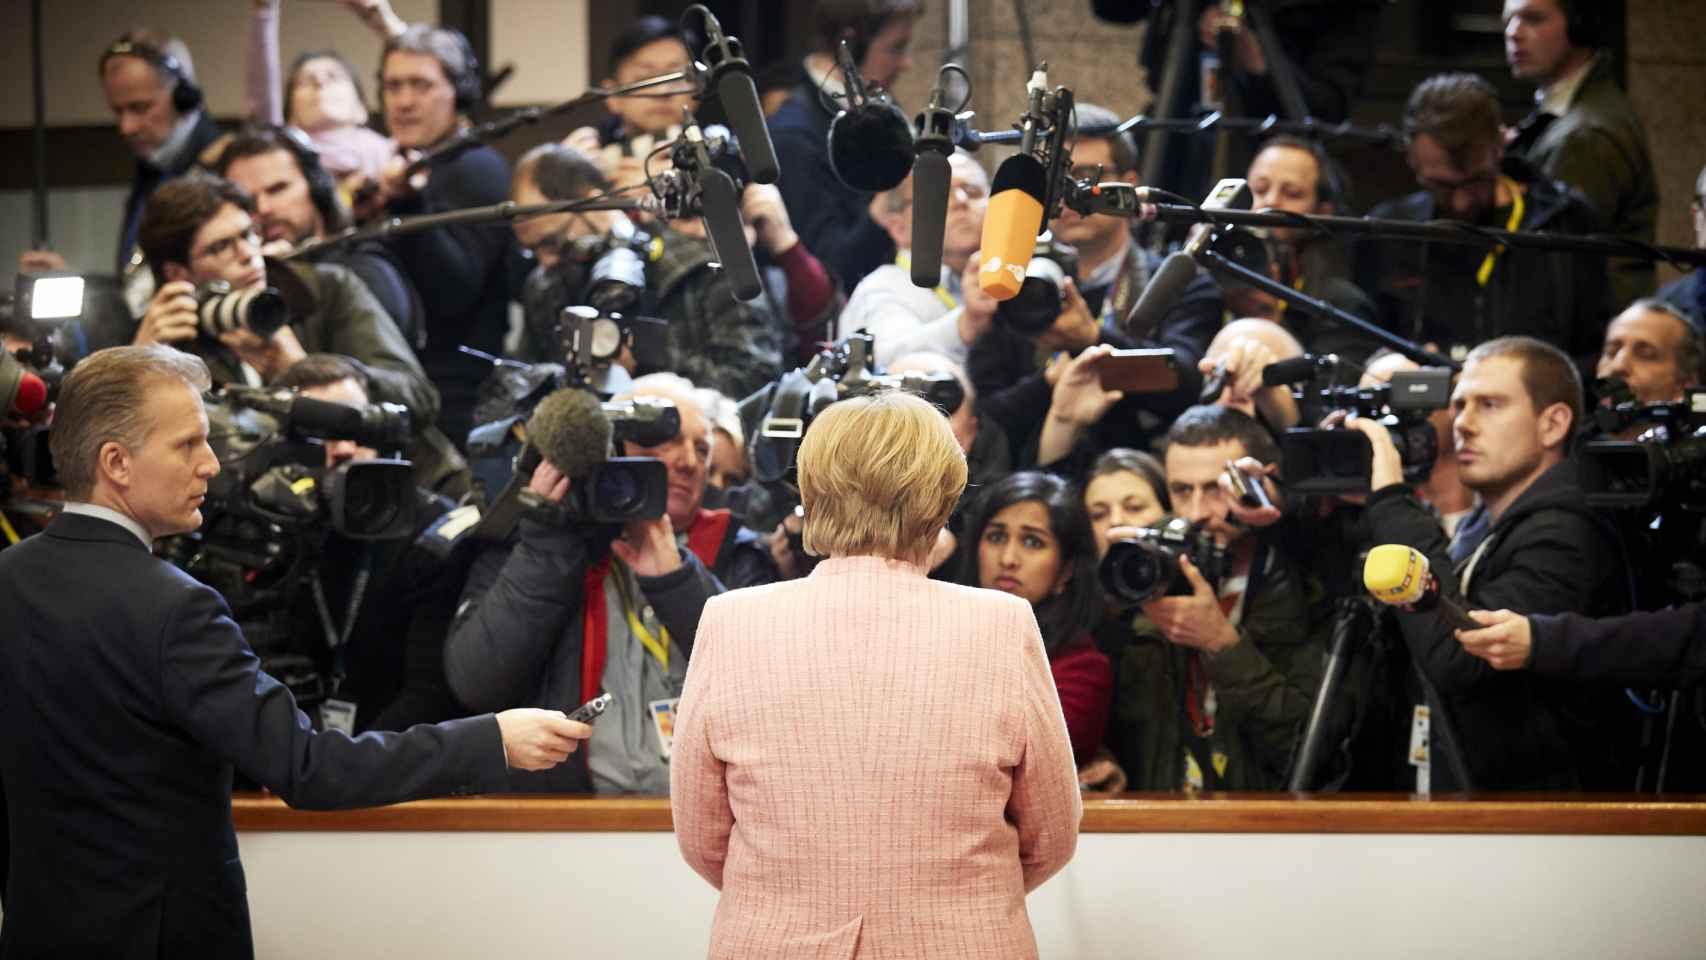 La canciller Merkel genera una gran atención mediática cada vez que habla en un Consejo Europeo